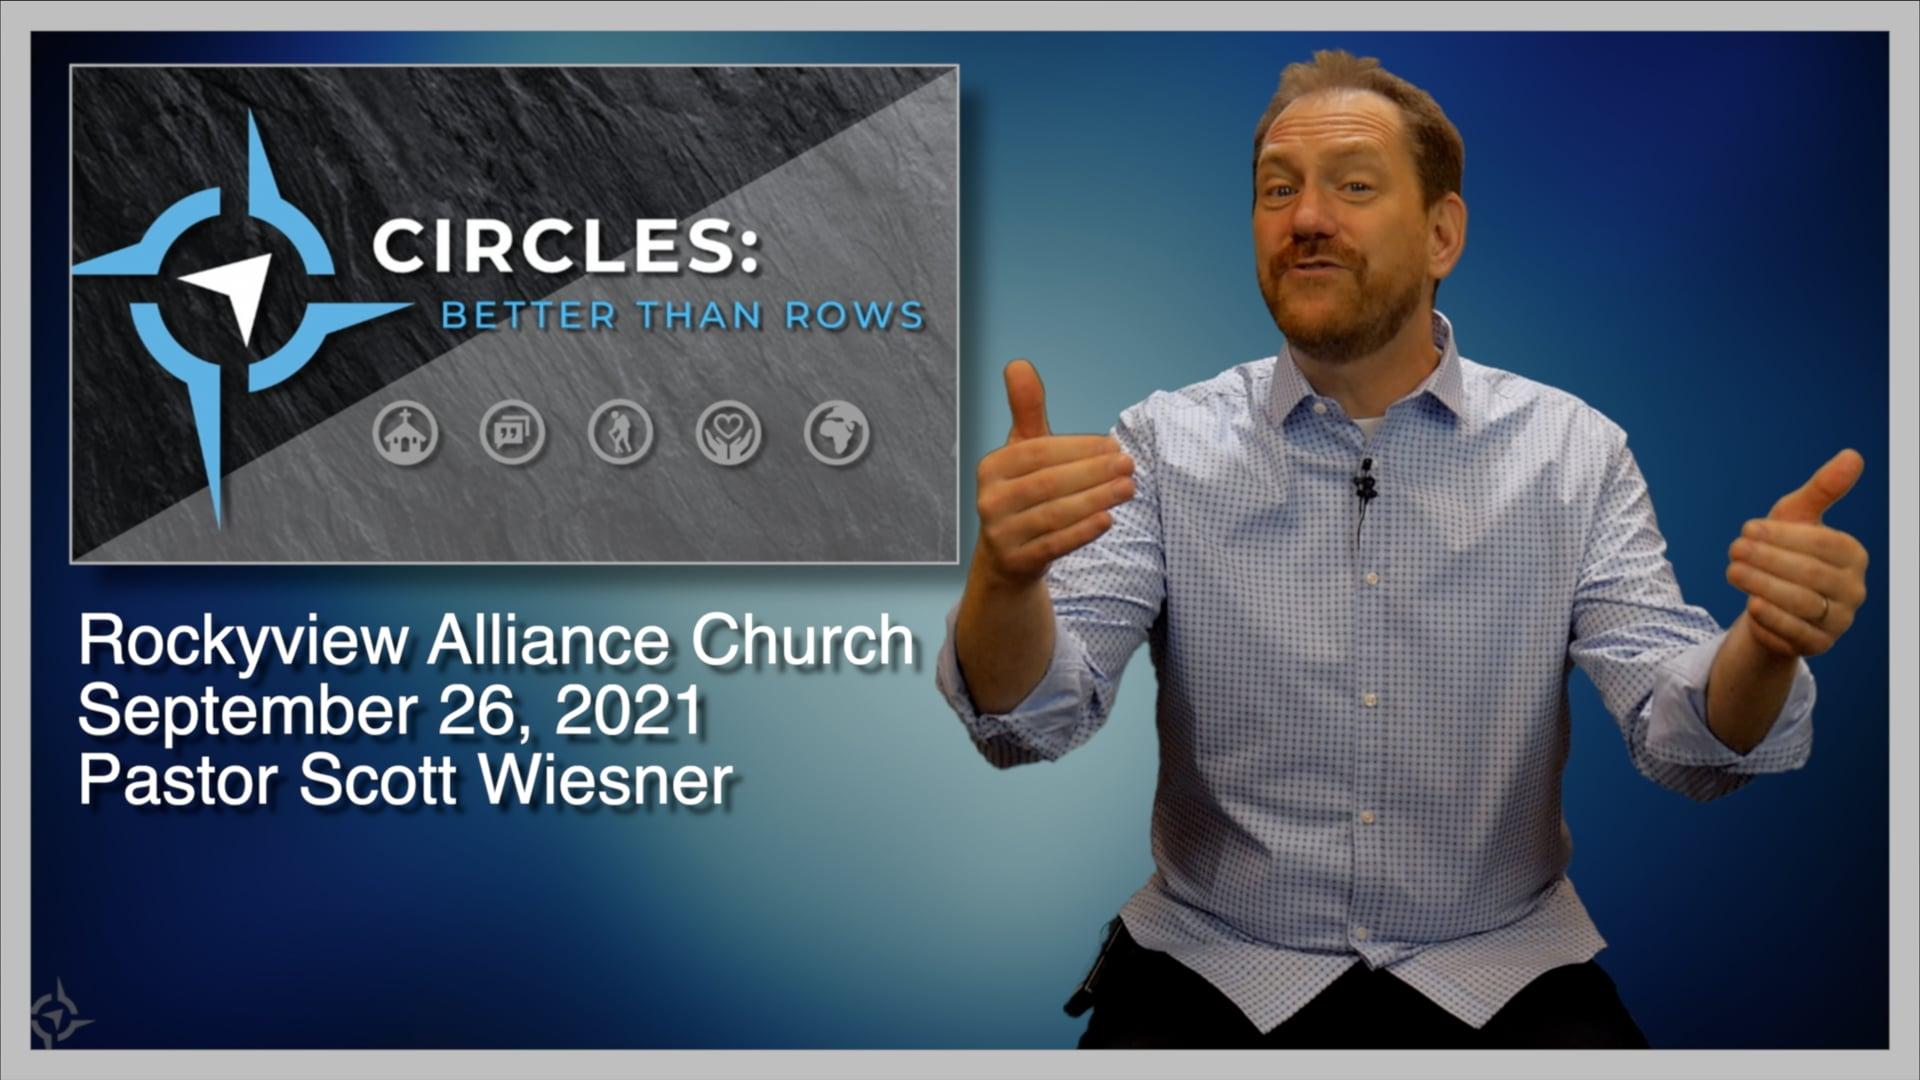 September 26, 2021 - Scott Wiesner - Circles Better Than Rows